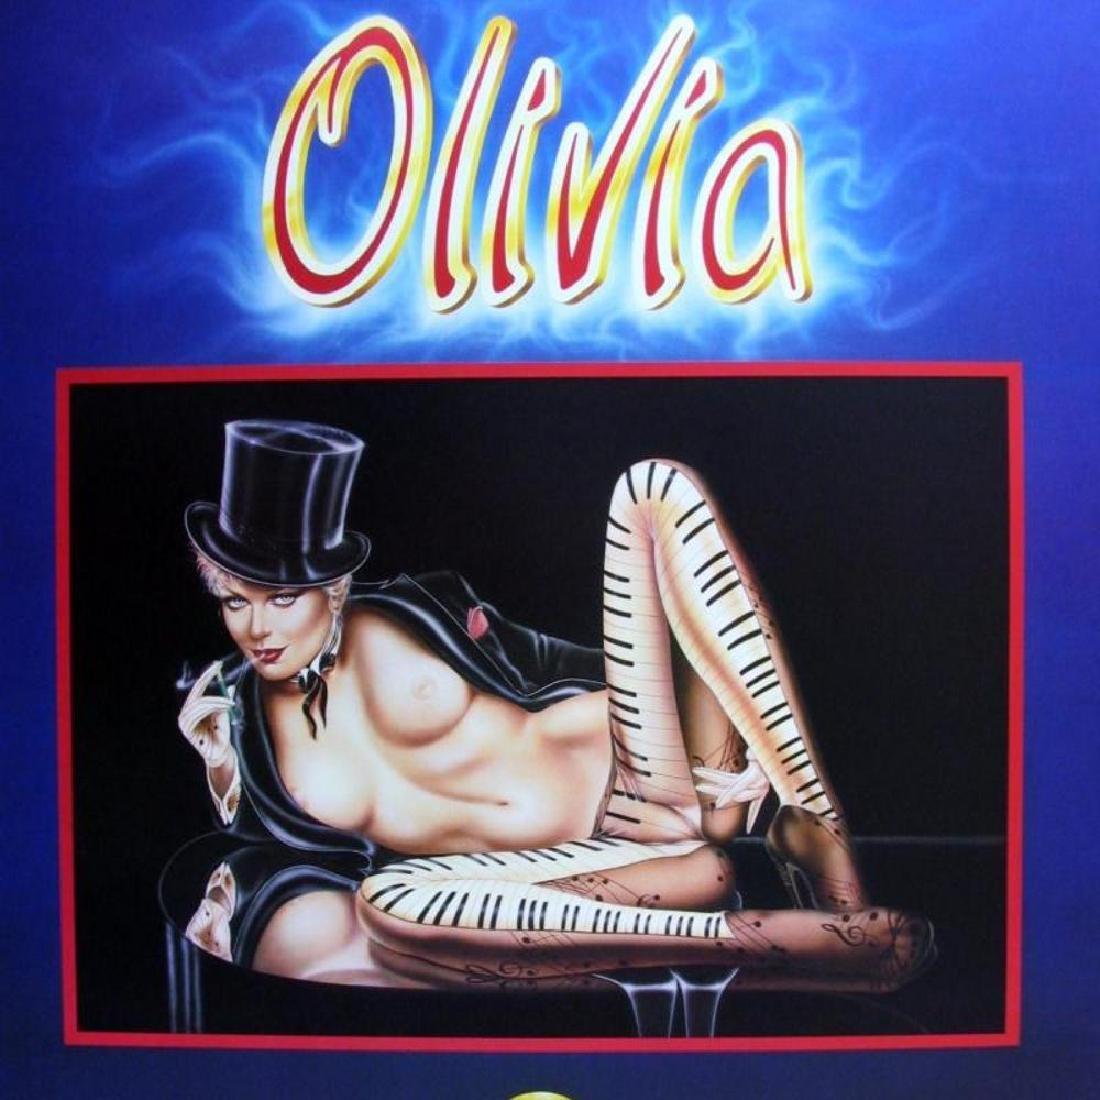 Olivia Print Erotic Nude Large Dealer Liquidation - 3